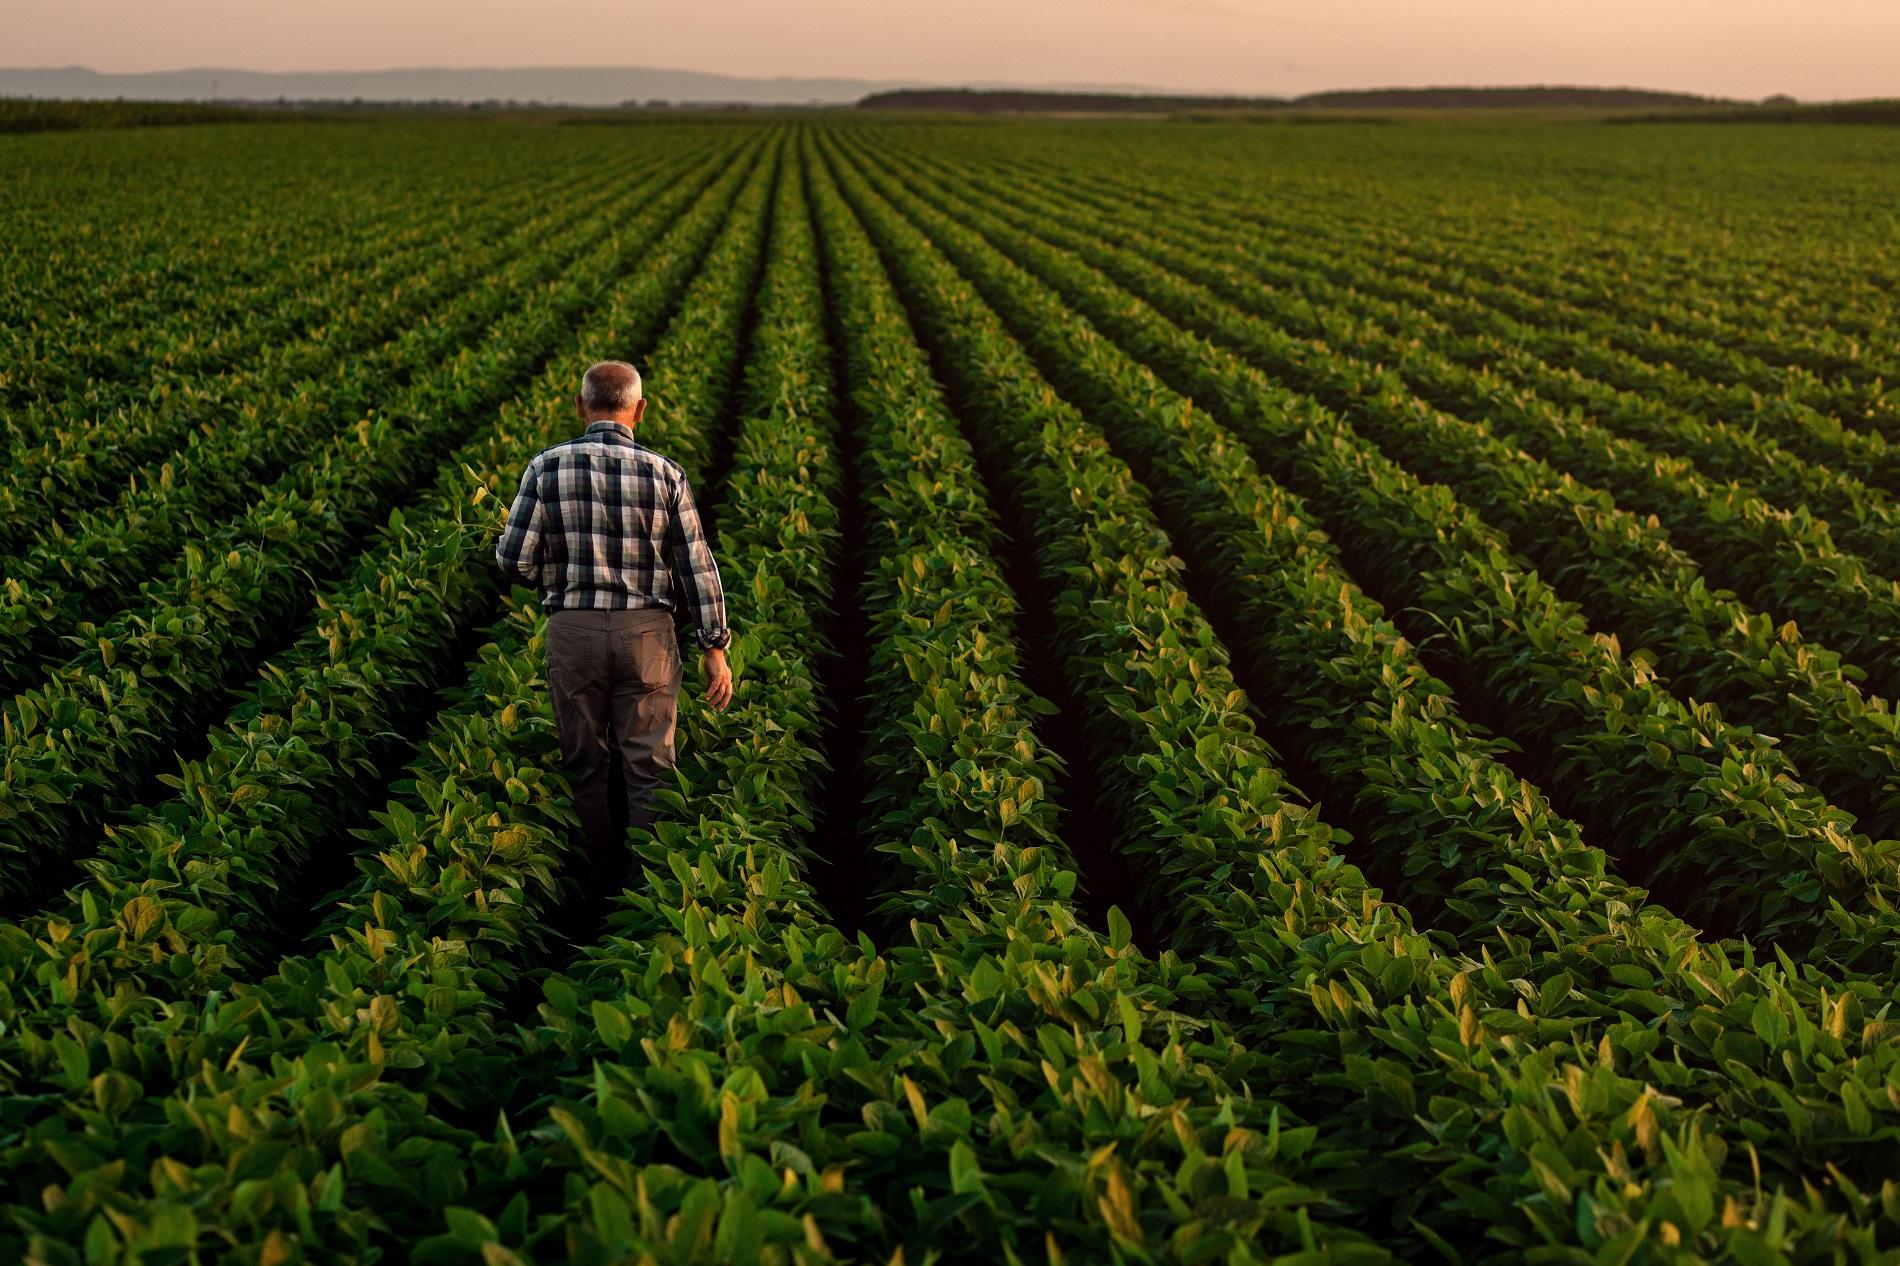 Sanidad vegetal, seguridad alimentaria y competitividad de nuestra agricultura